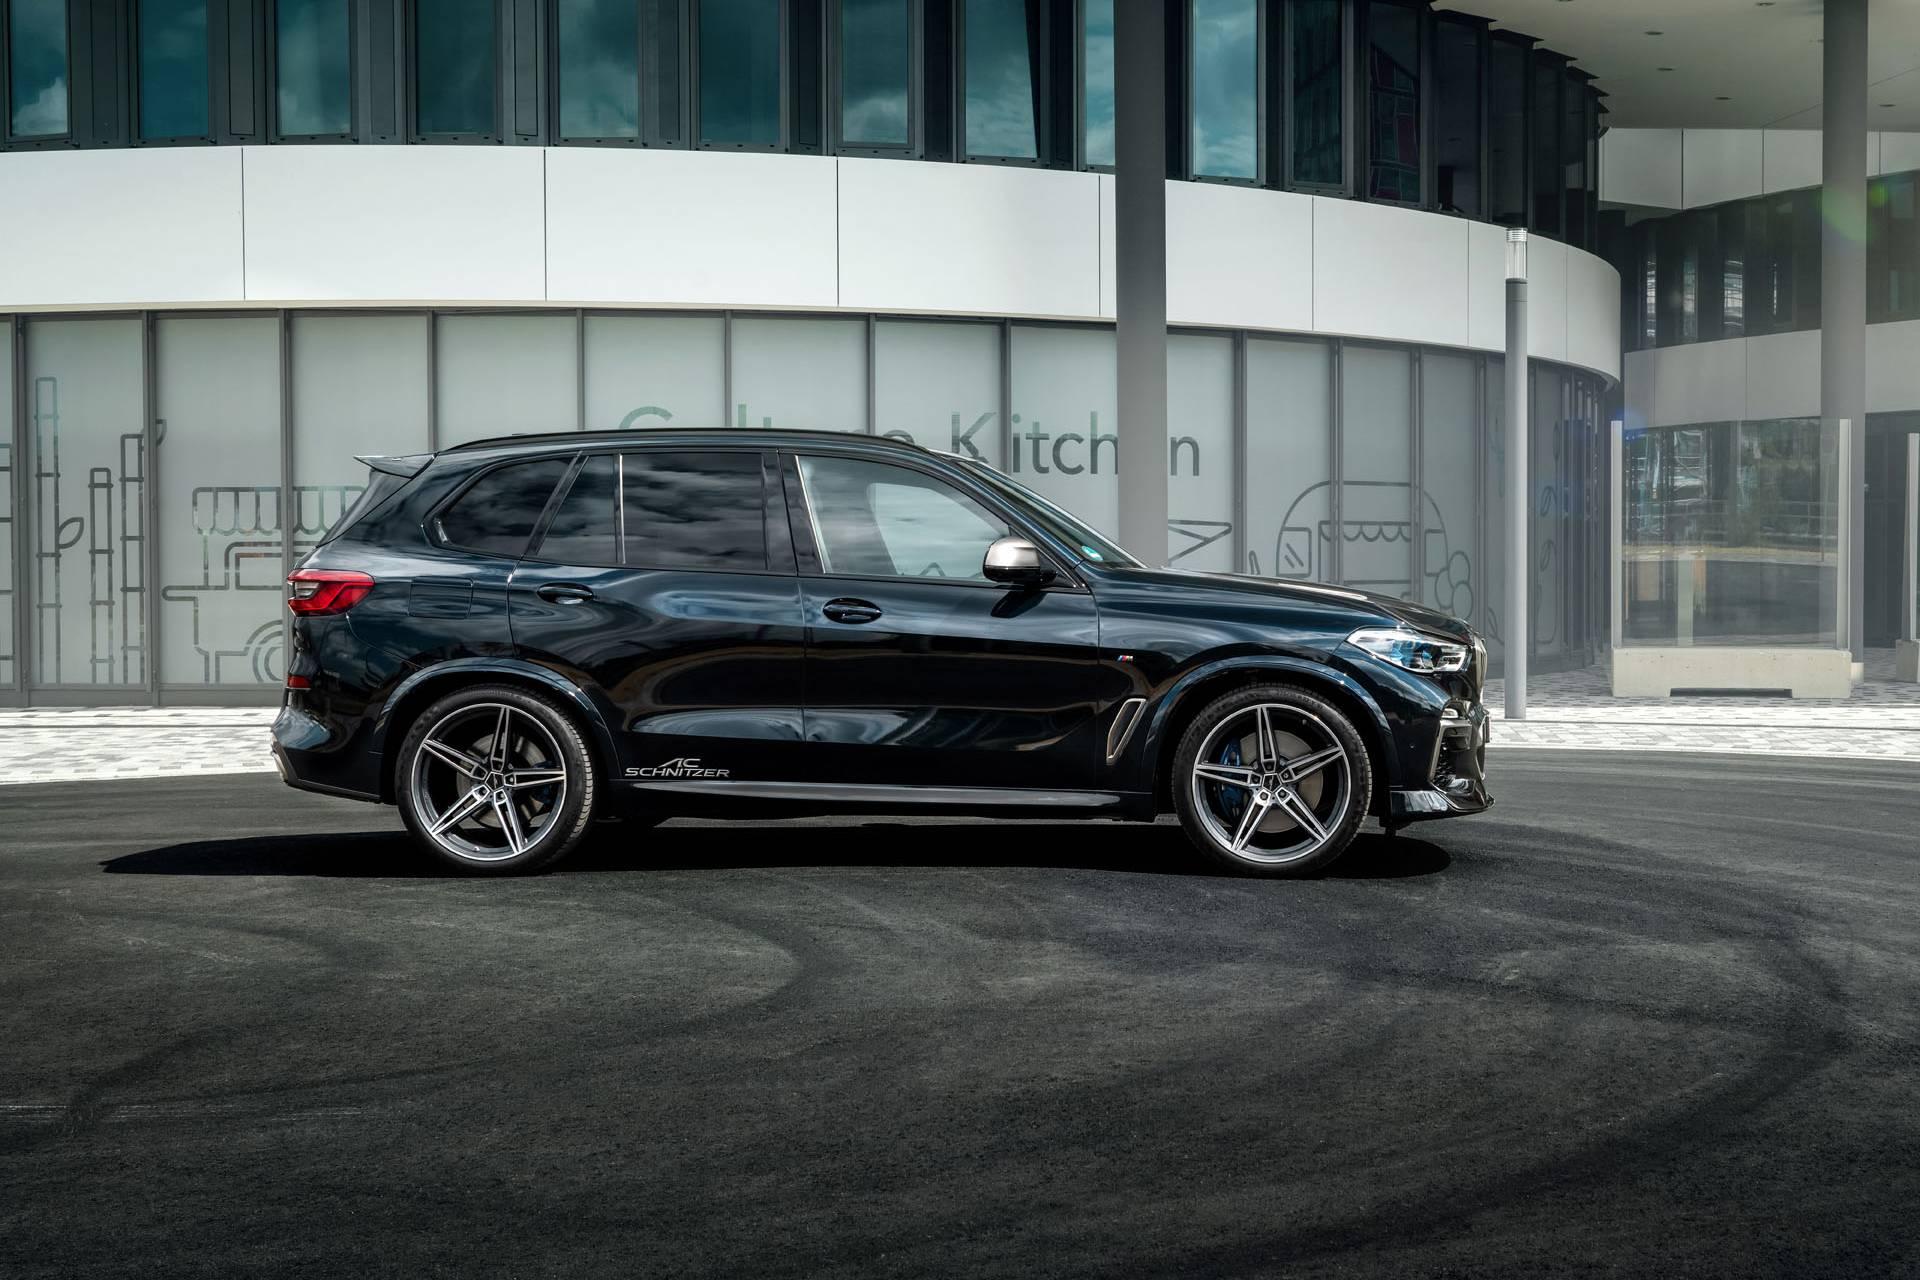 BMW-X5-by-AC-Schnitzer-2019-3